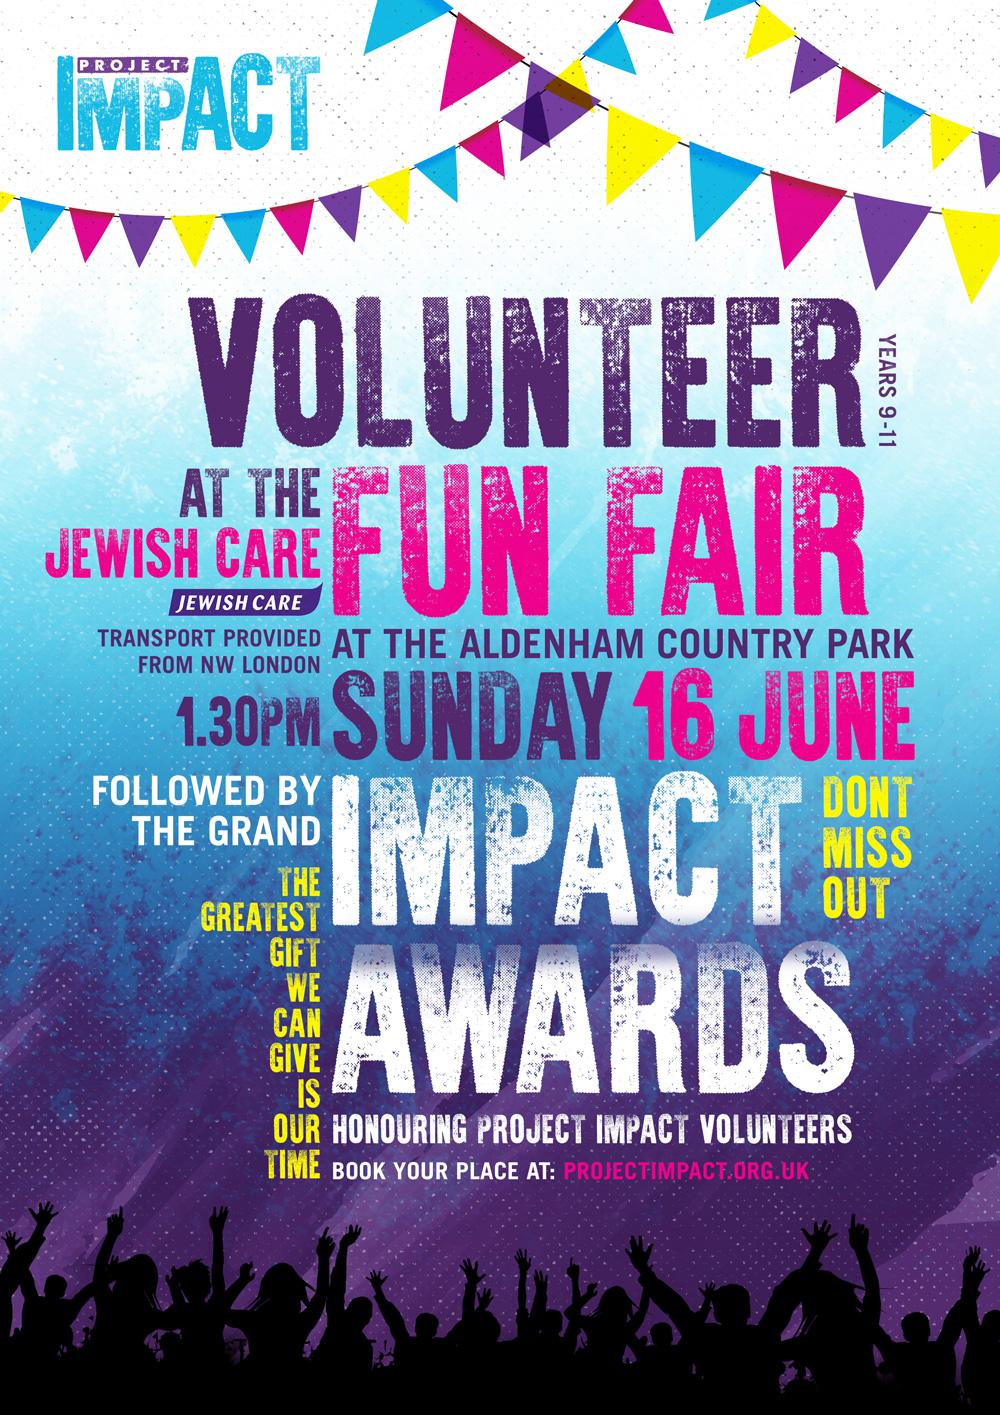 ImpACT Final Event 16 June.jpg